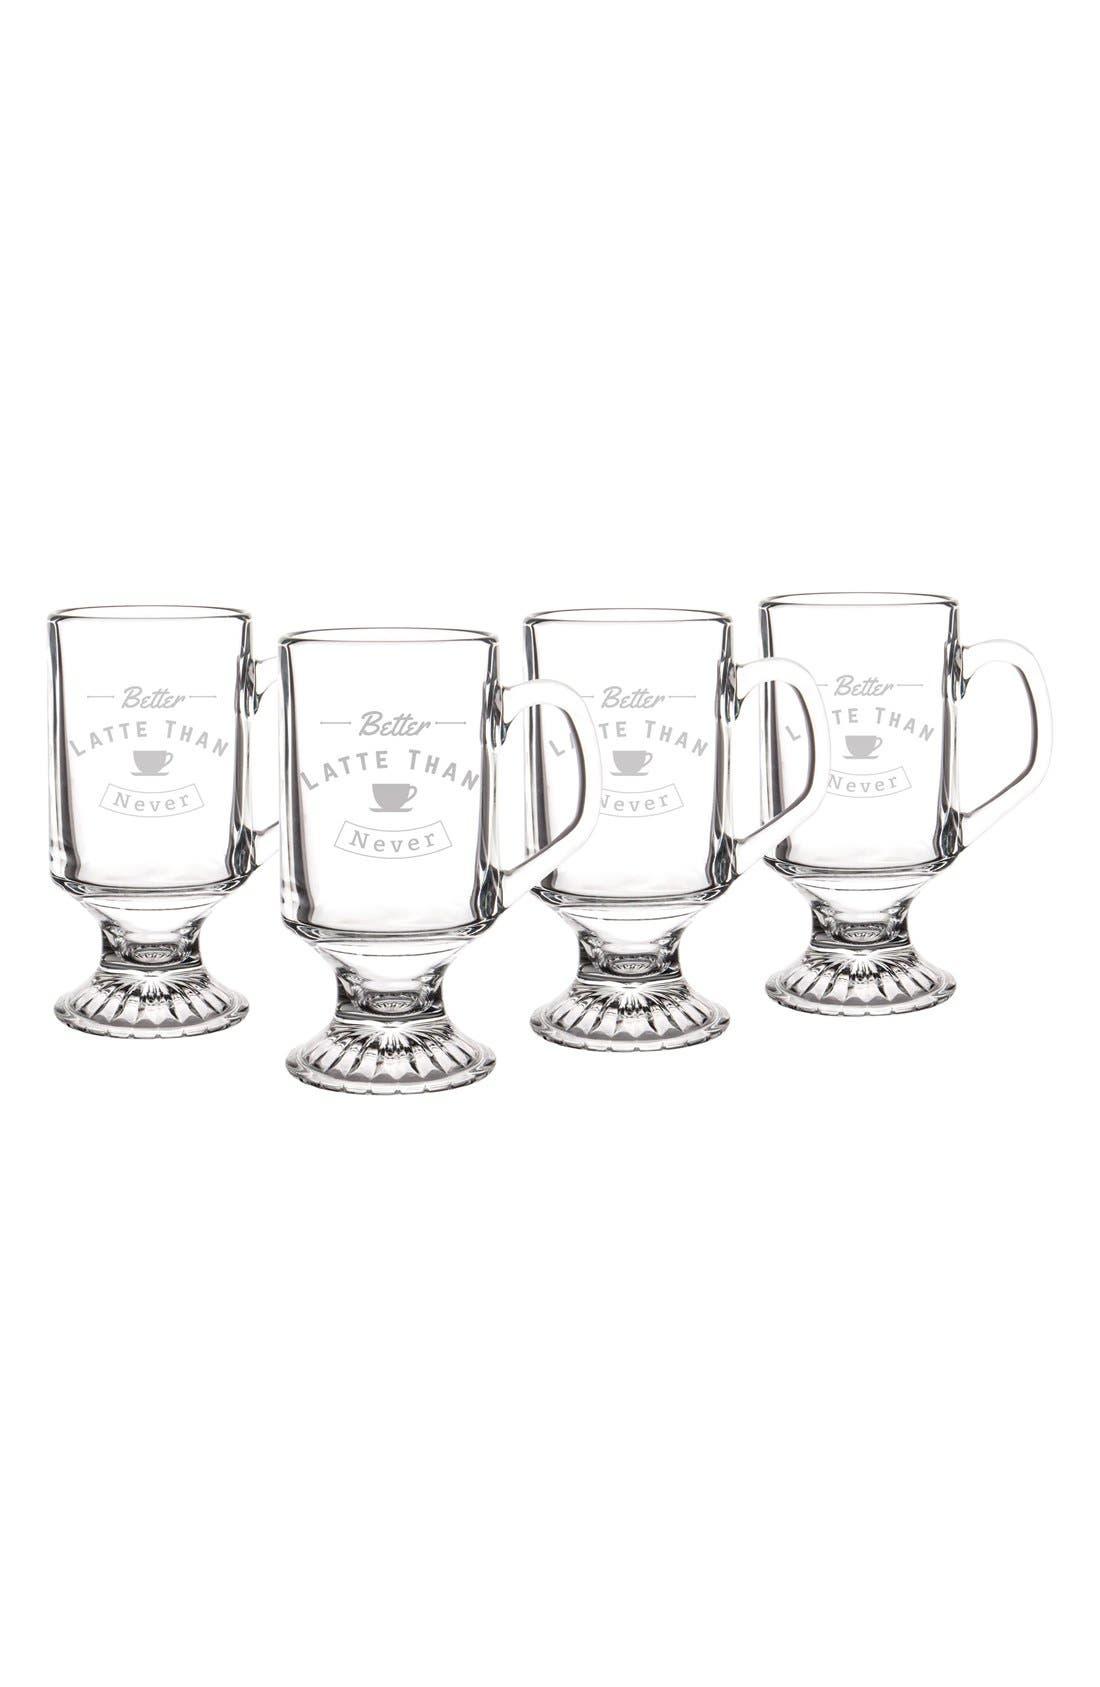 Better Latte Than Never Set of 4 Glass Mugs,                             Alternate thumbnail 2, color,